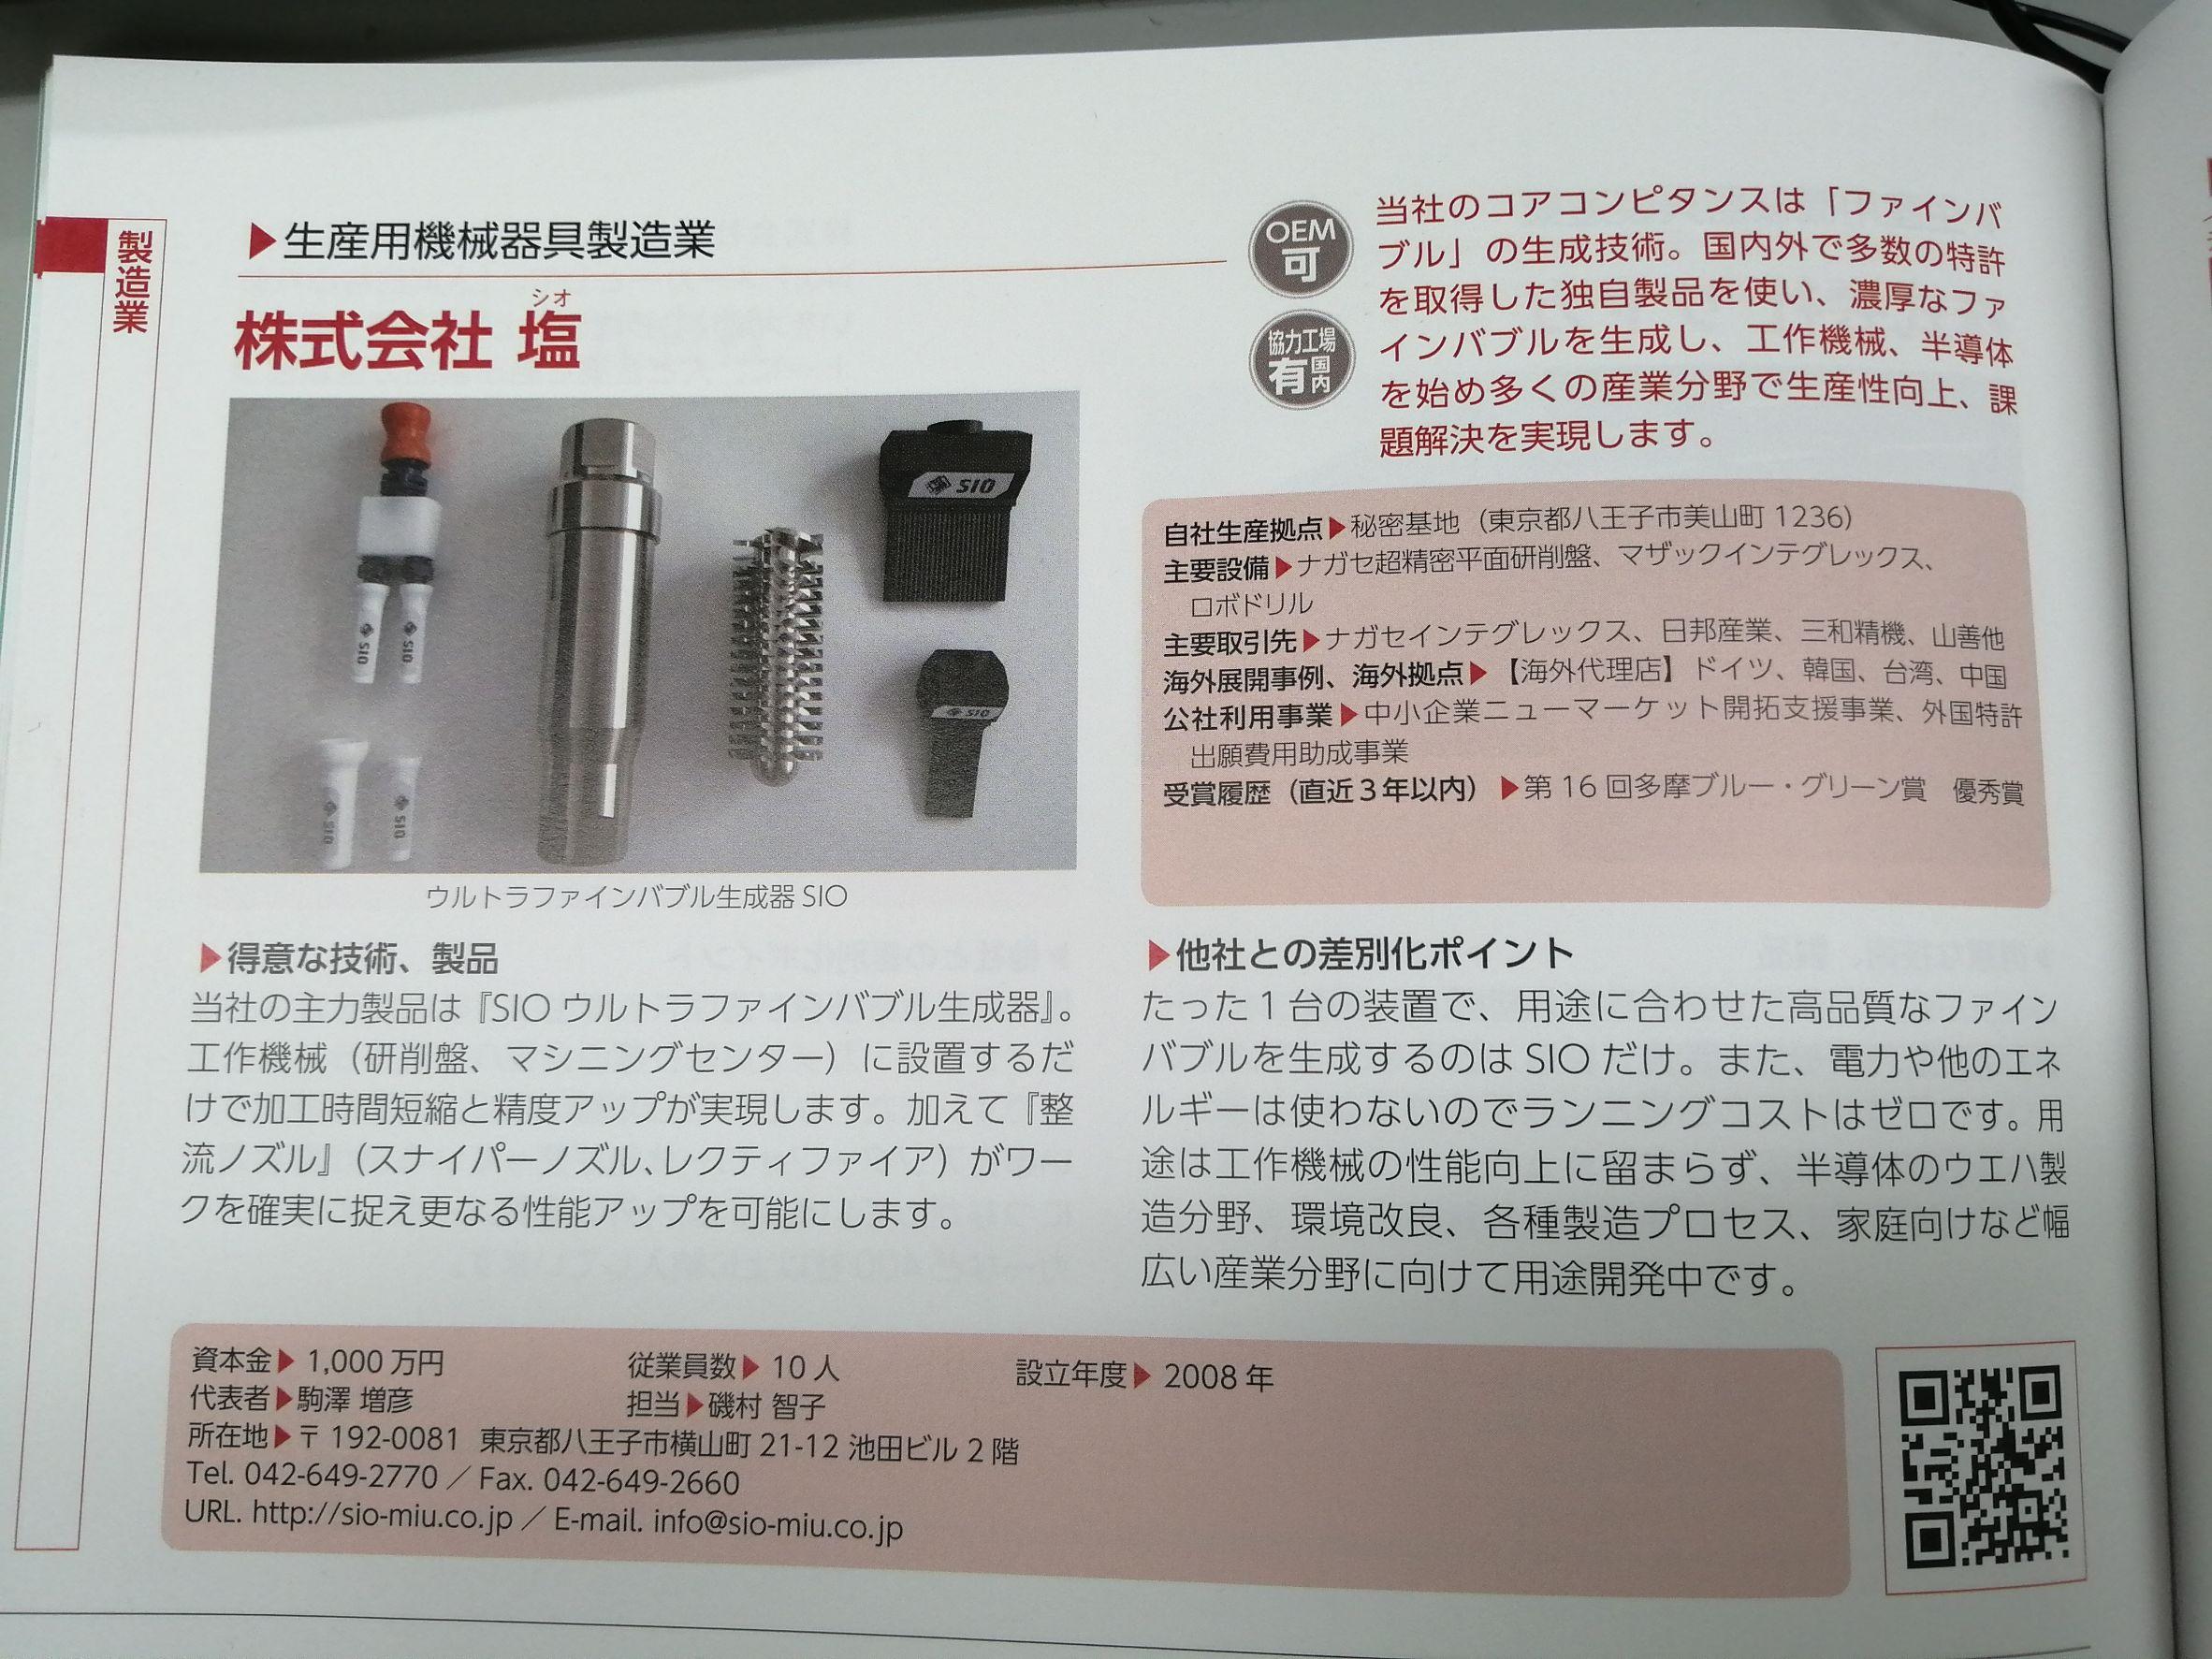 「東京のキラリ企業 2020」に掲載されました。